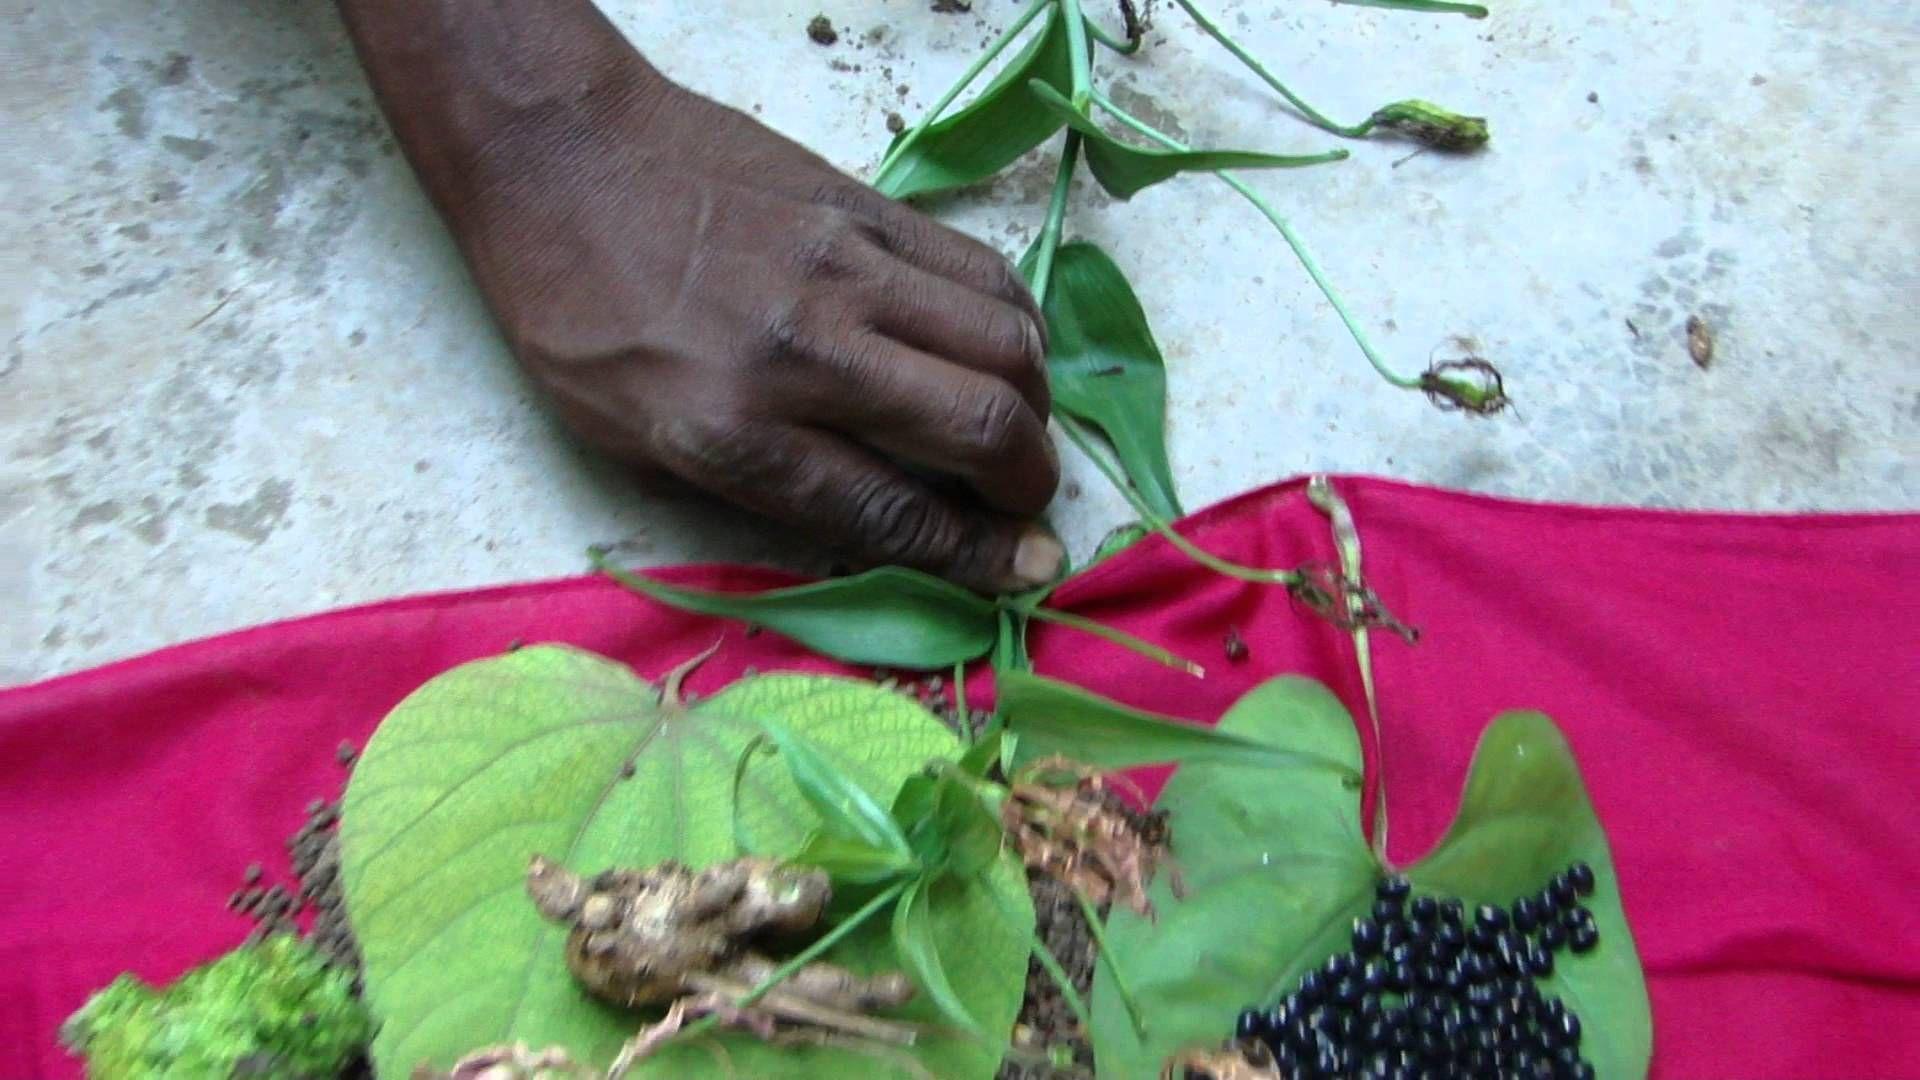 Pankaj Oudhia's Healing Herbs: Diabetes mellitus Type 2 with Gout. HF-739